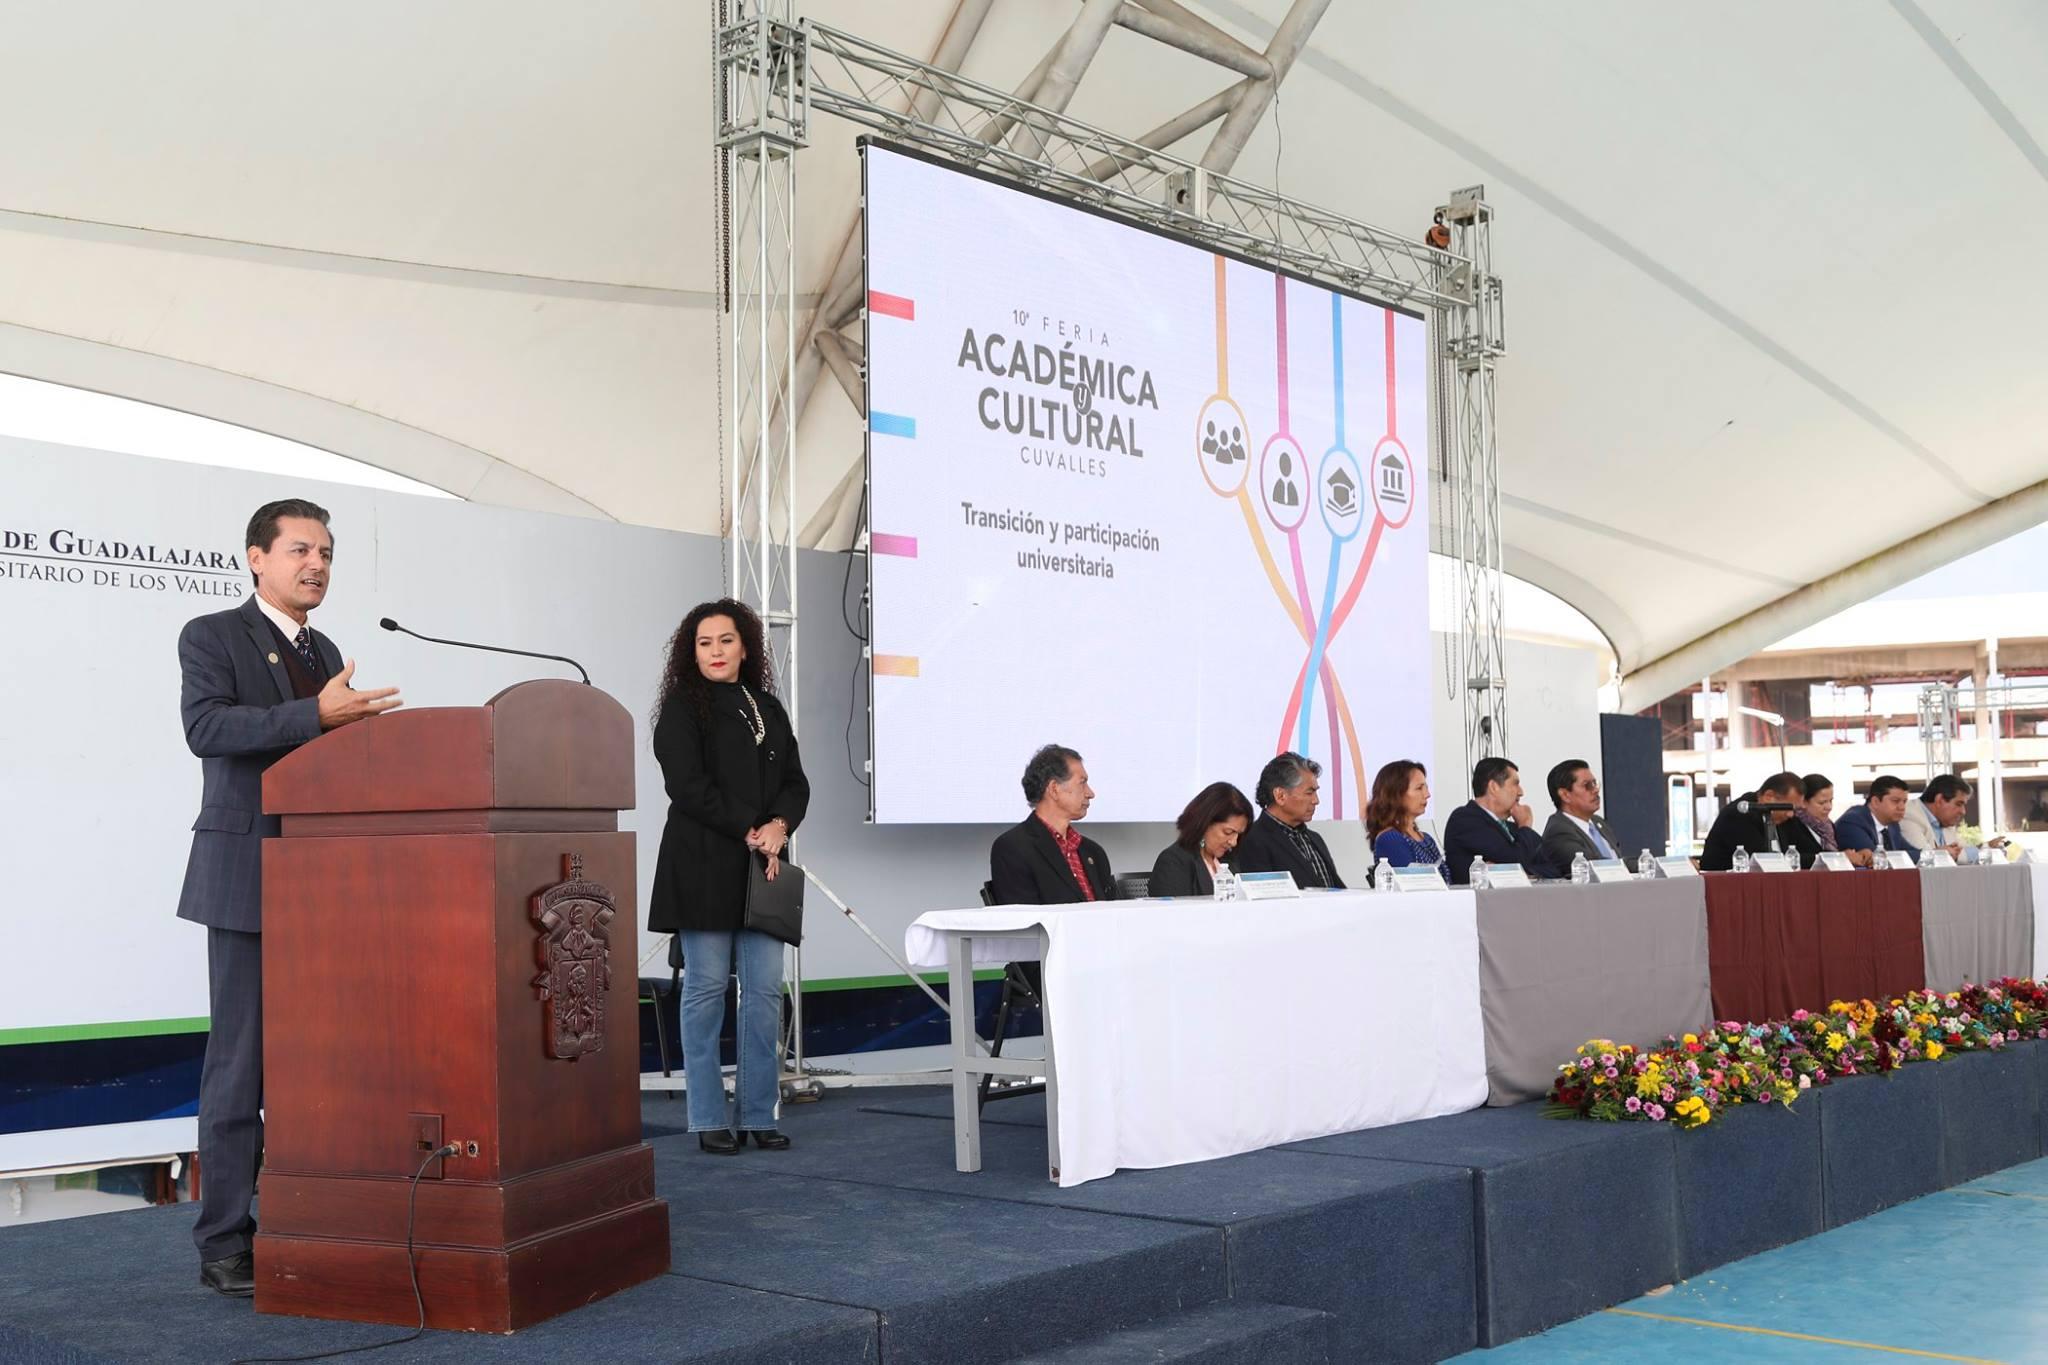 Inauguración de la Feria Académica y Cultural